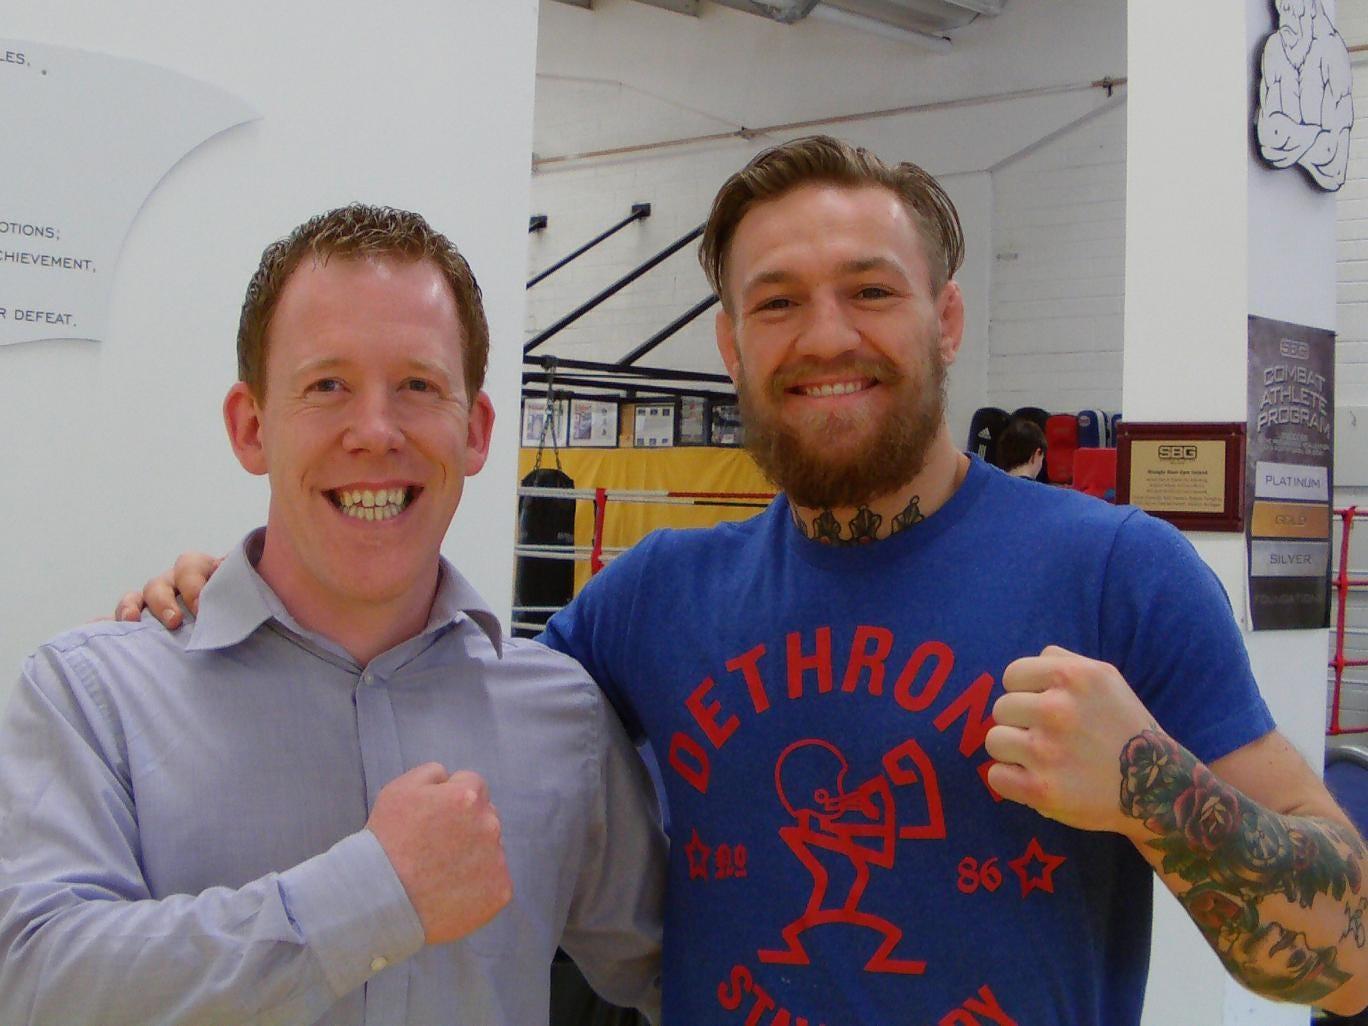 Conor McGregor with reported Brian Mallon